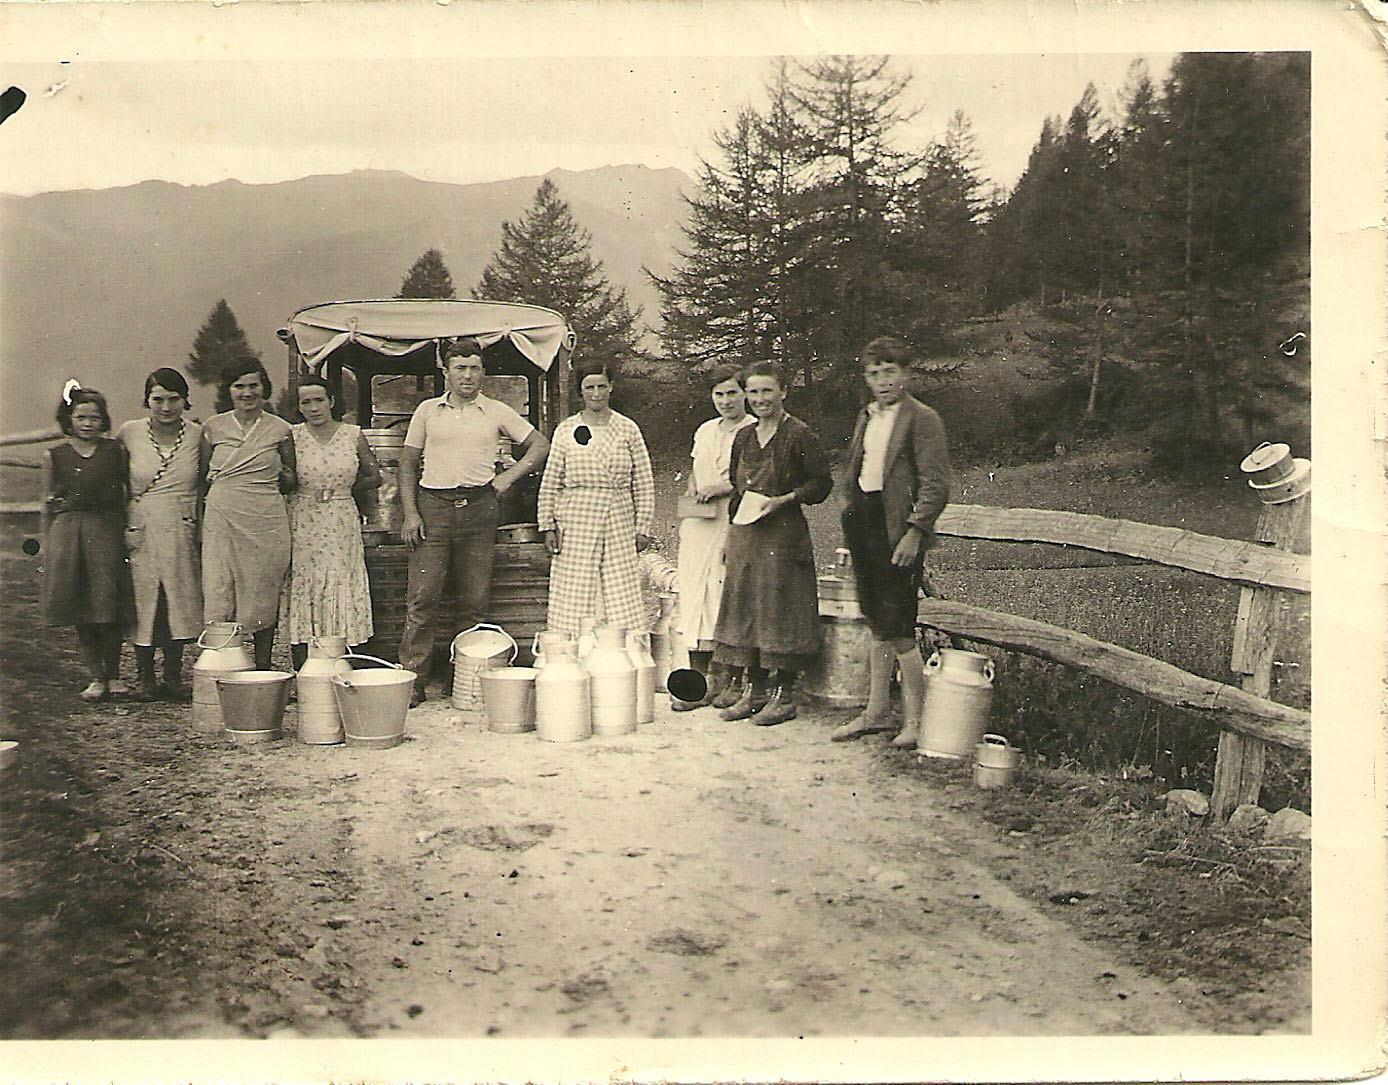 Mikéou 1934 avec de droite à gauche : Henri Carre, Gabrielle Rigaud, Léonie Izoard, Gabrielle Laurent, René Vincent le laitier, Yvonne Domeny, Juliette Izoard, Marie Refondini et Yvette Guieu. (Ph.M.Blanc).